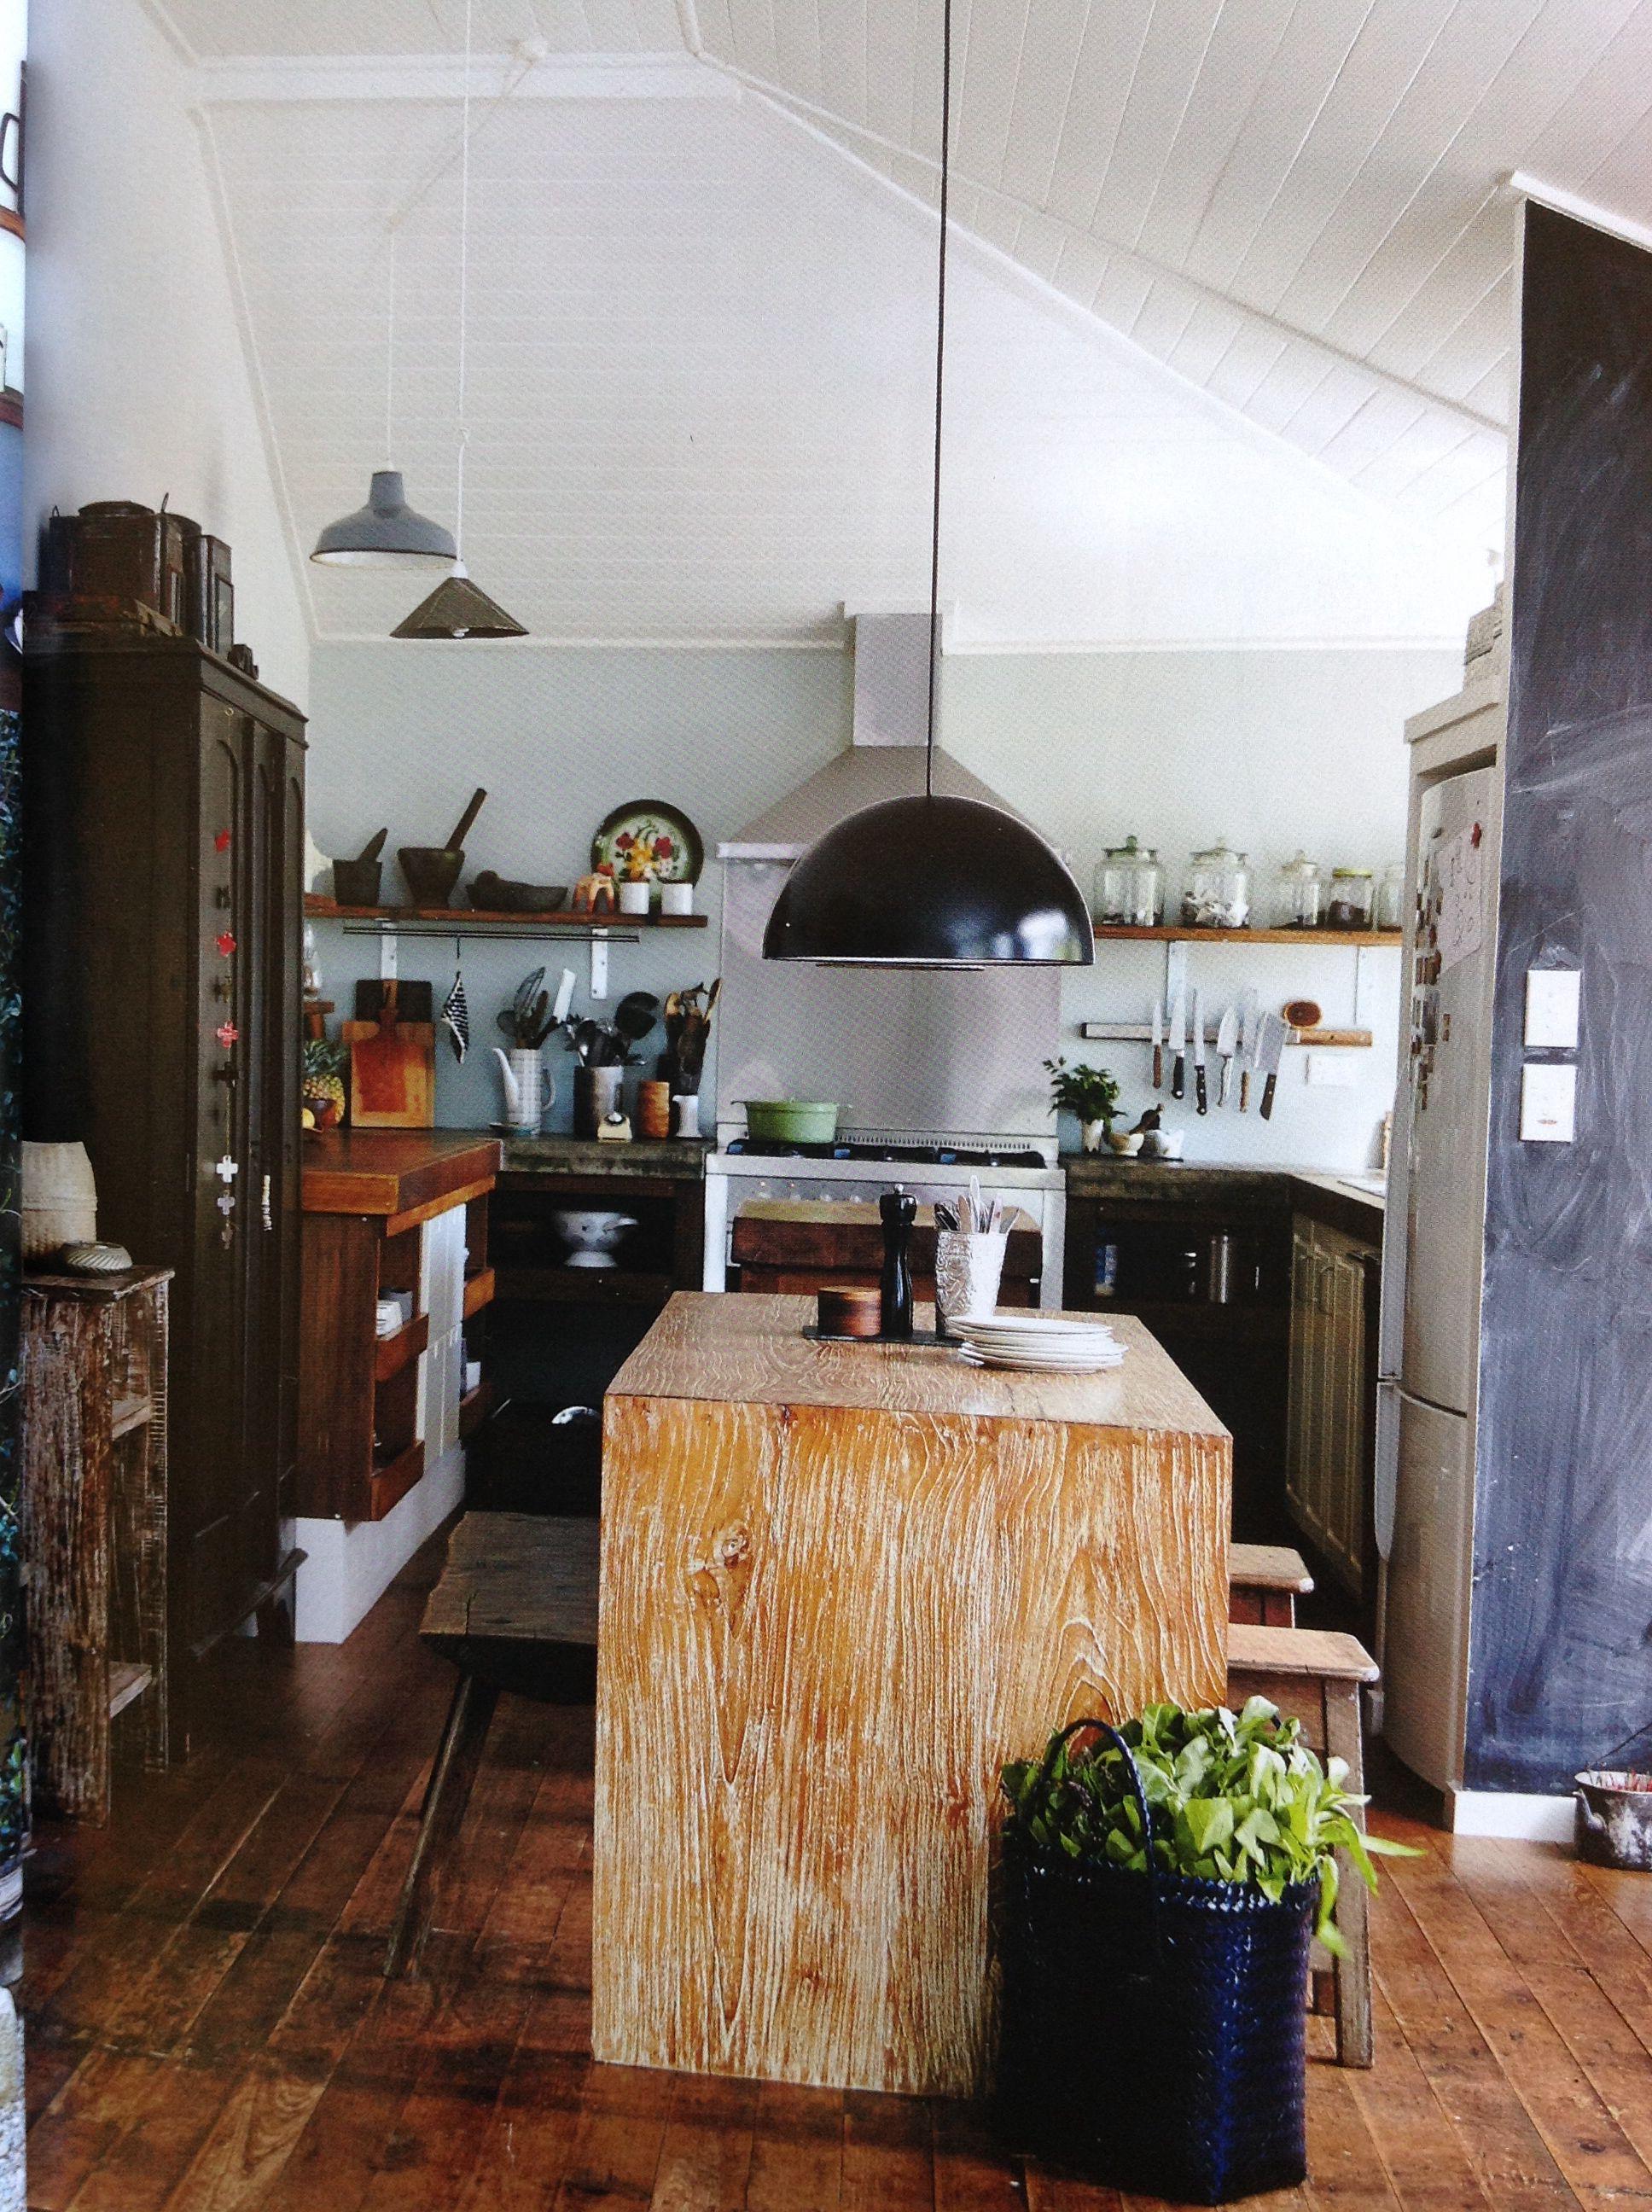 Fliss's kitchen